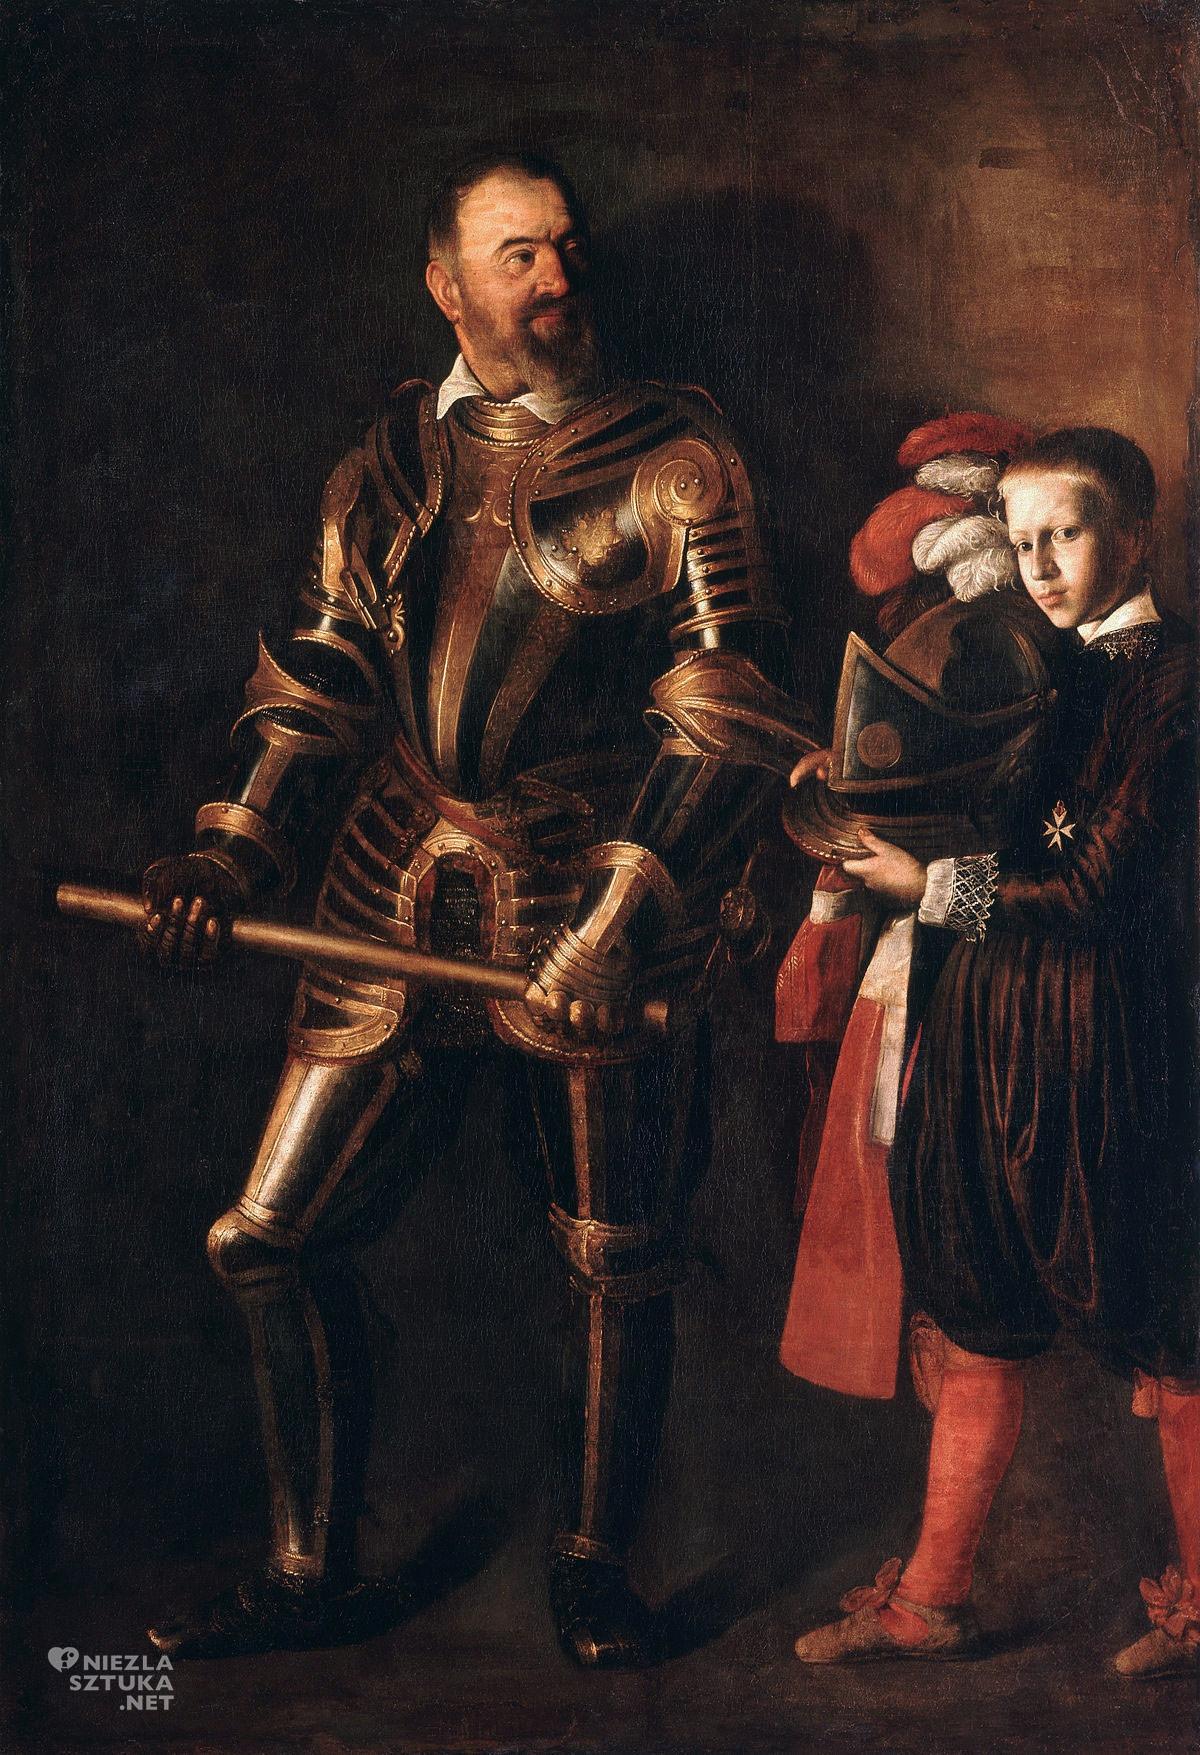 Caravaggio, Portret Alofa de Wignacourta z paziem, sztuka włoska, malarstwo włoskie, Niezła sztuka